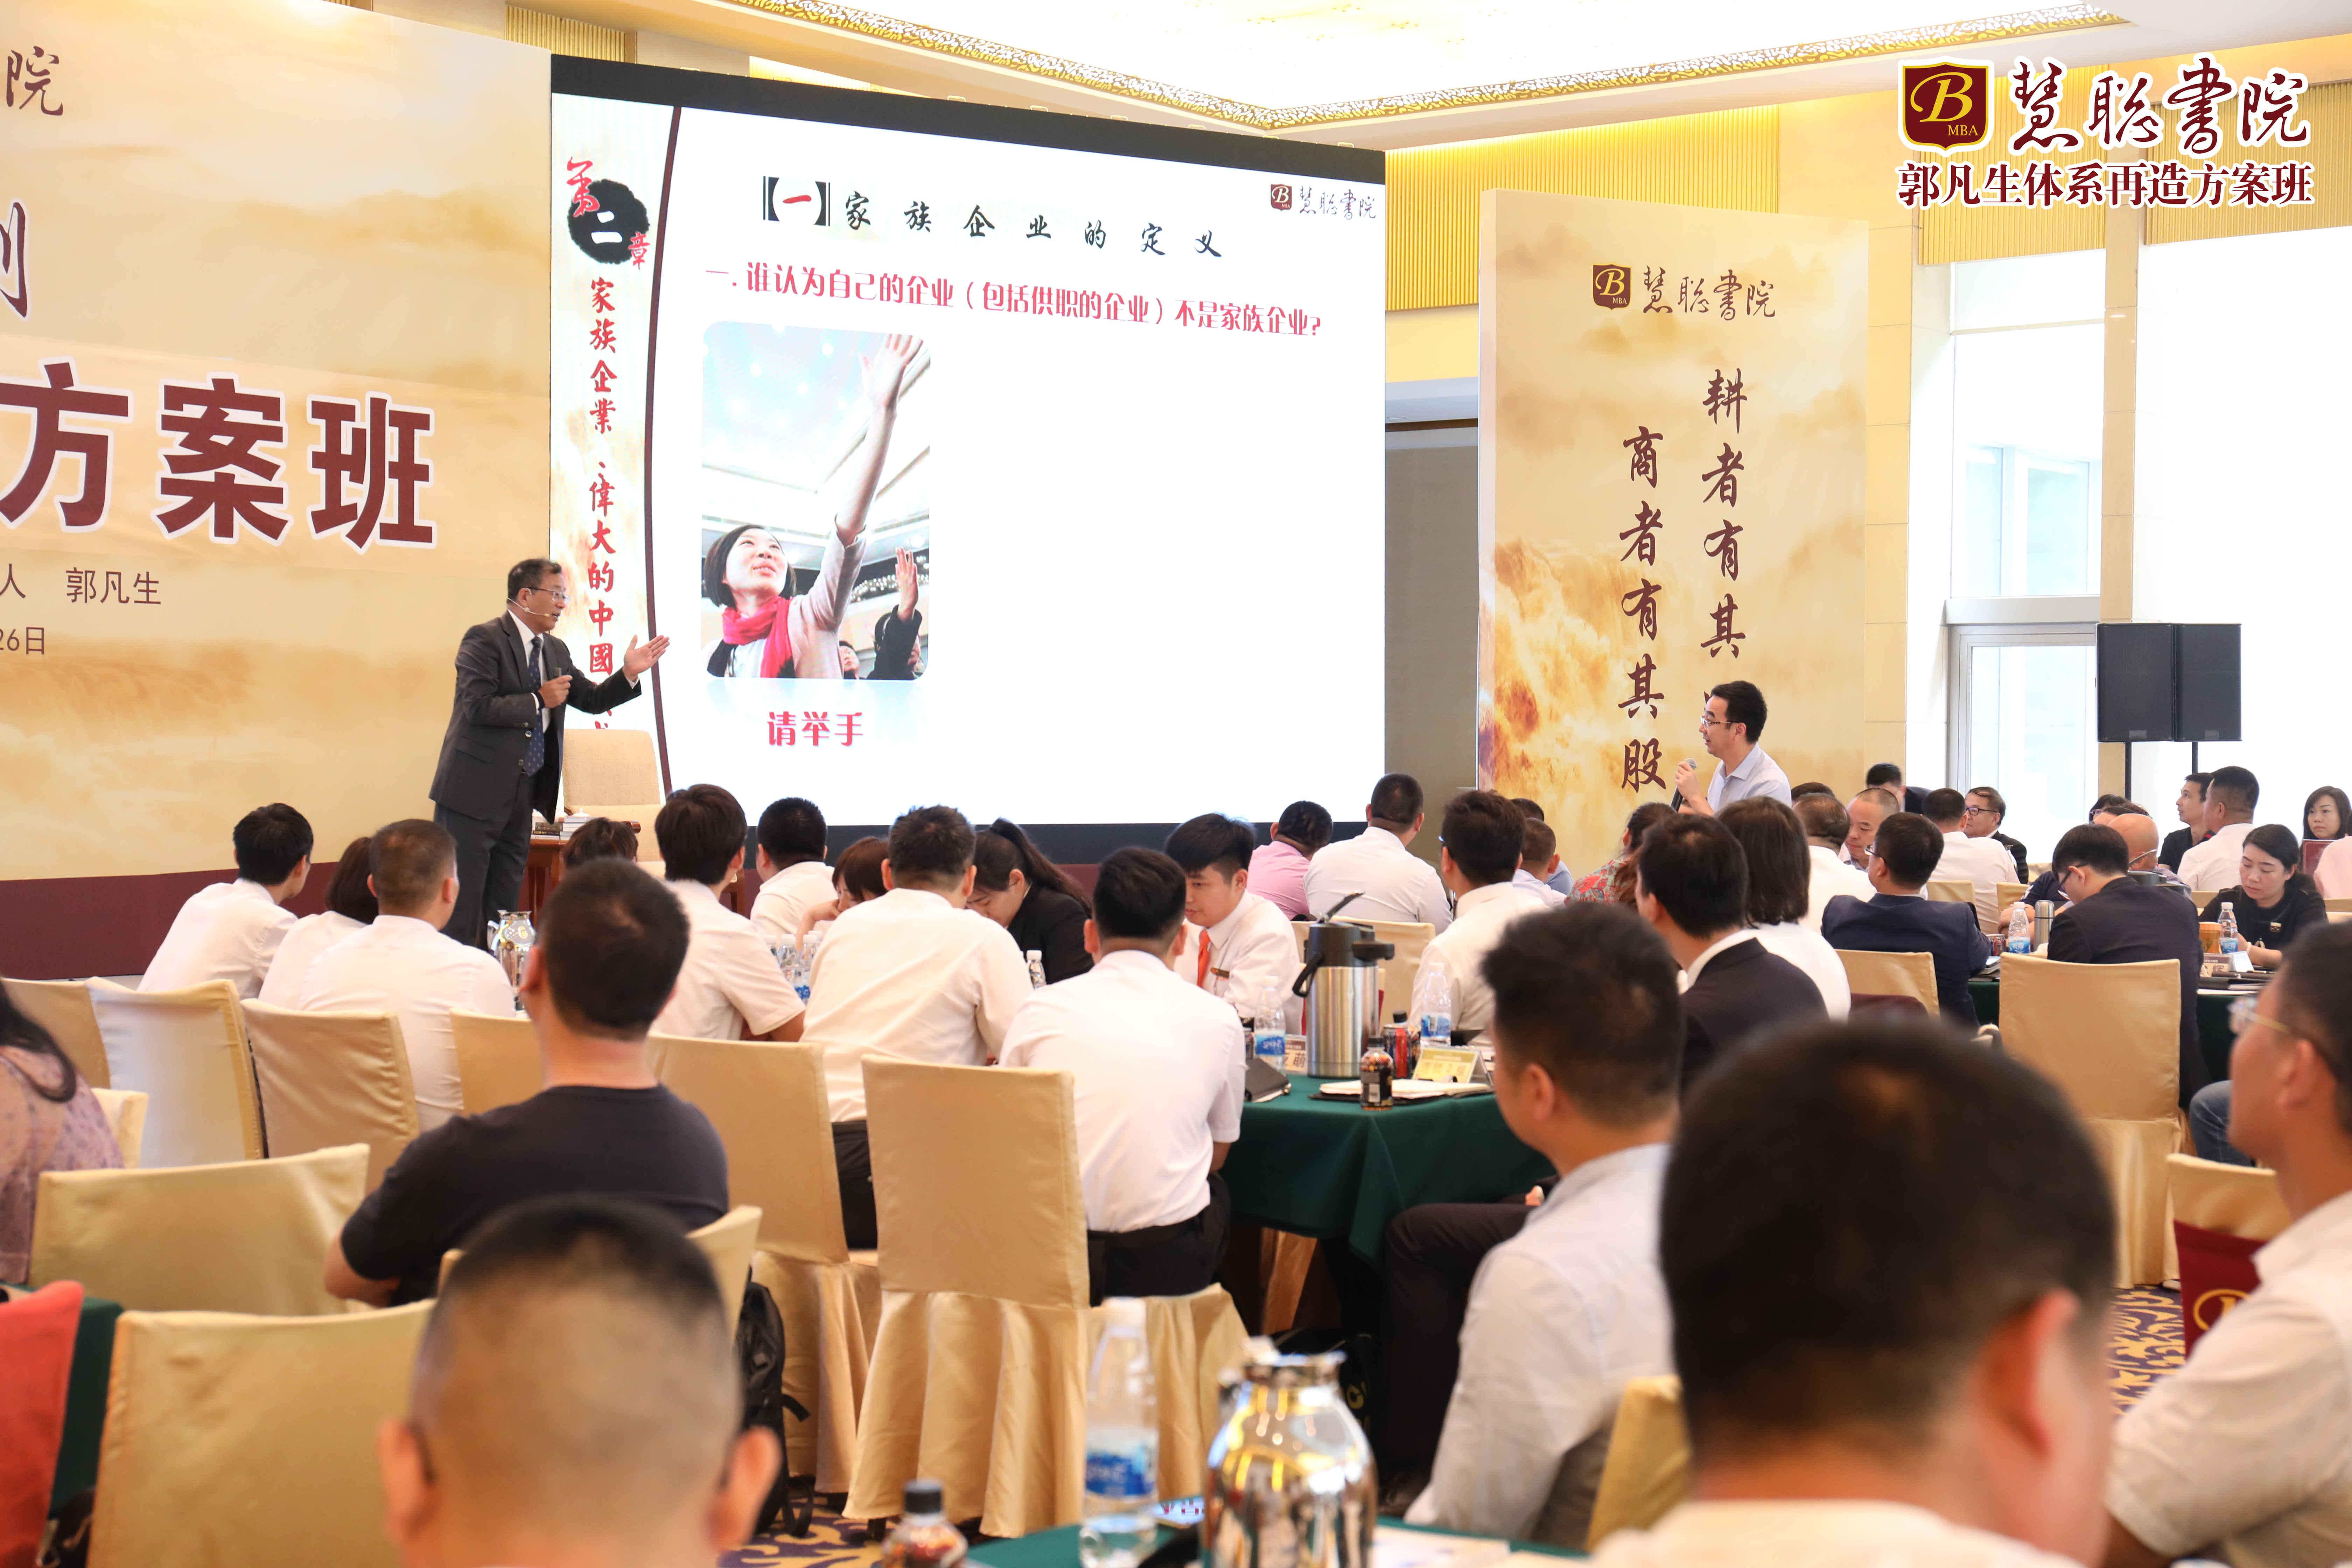 【化工行业】山东大汉的豪气股改 ——精细化工企业的股改历程